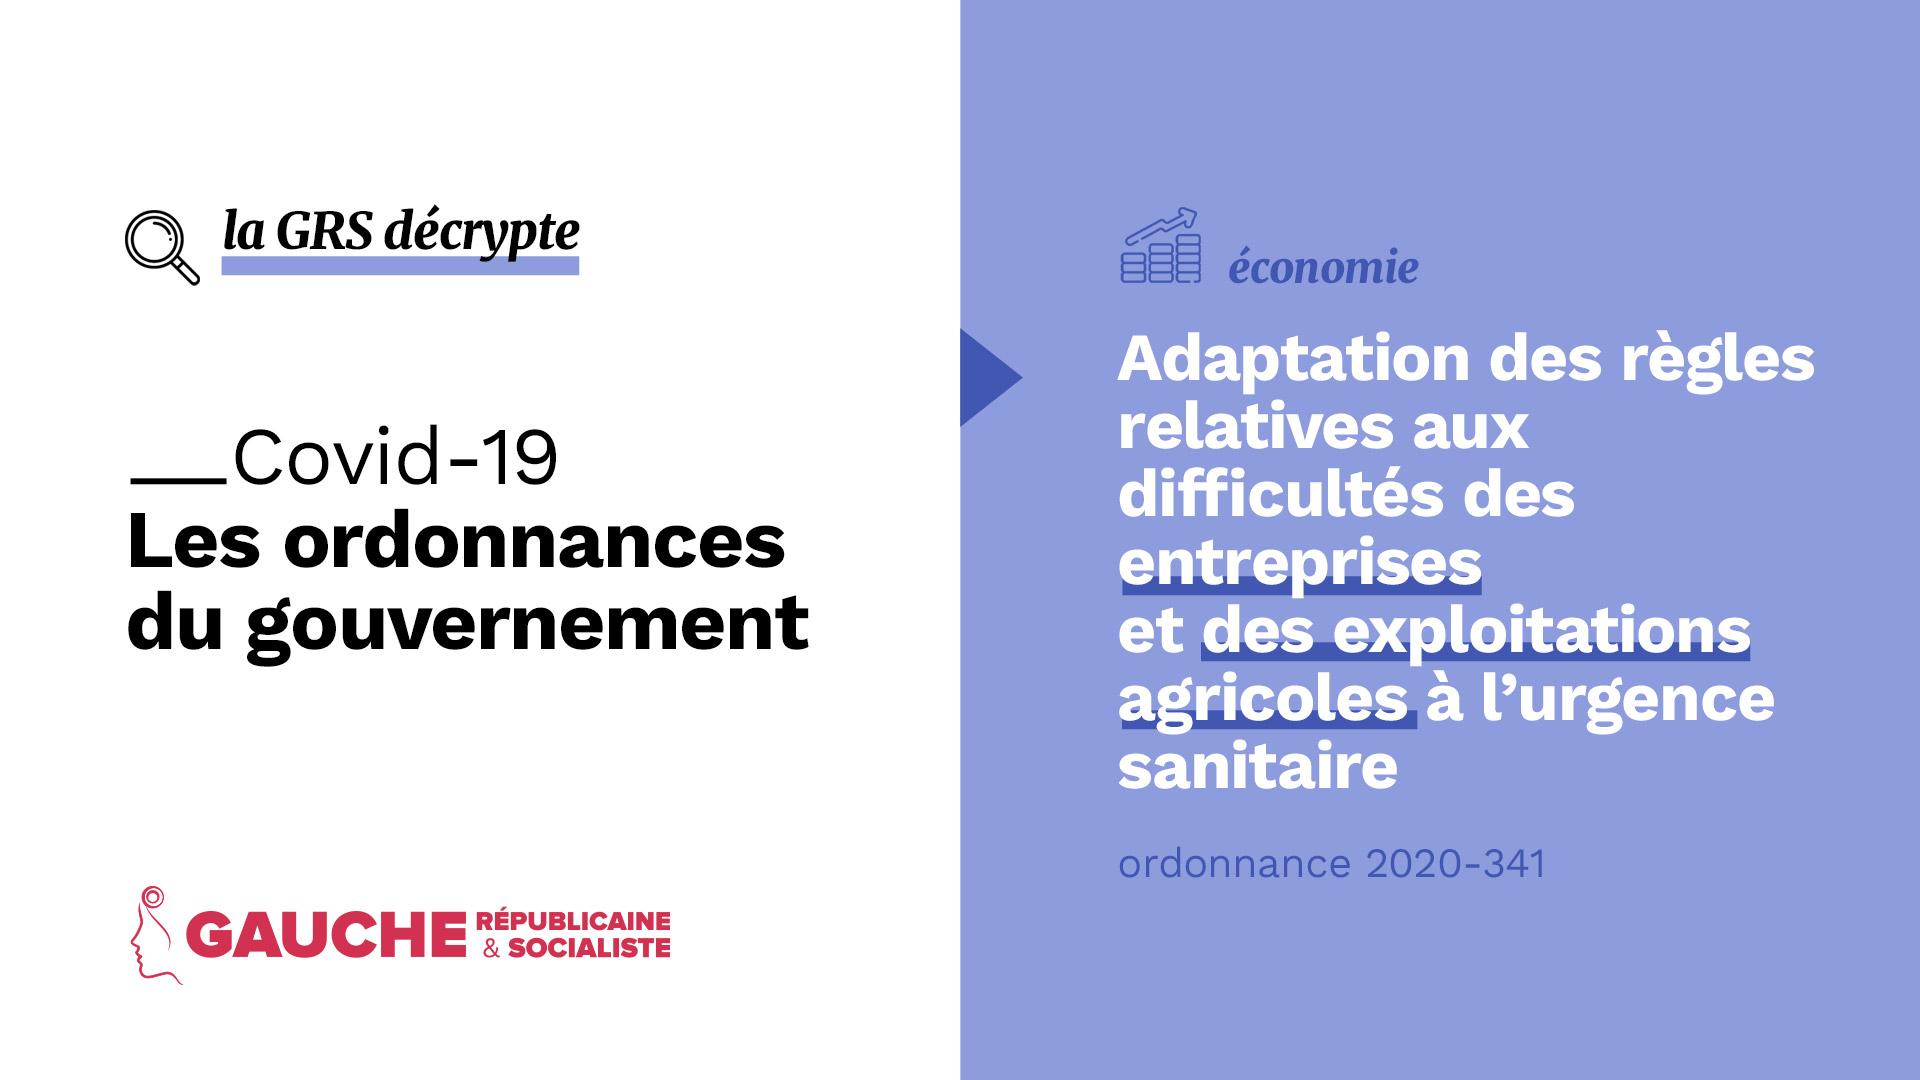 Ordonnance n° 2020-341 du 27 mars 2020 portant adaptation des règles relatives aux difficultés des entreprises et des exploitations agricoles à l'urgence sanitaire et modifiant certaines dispositions de procédure pénale